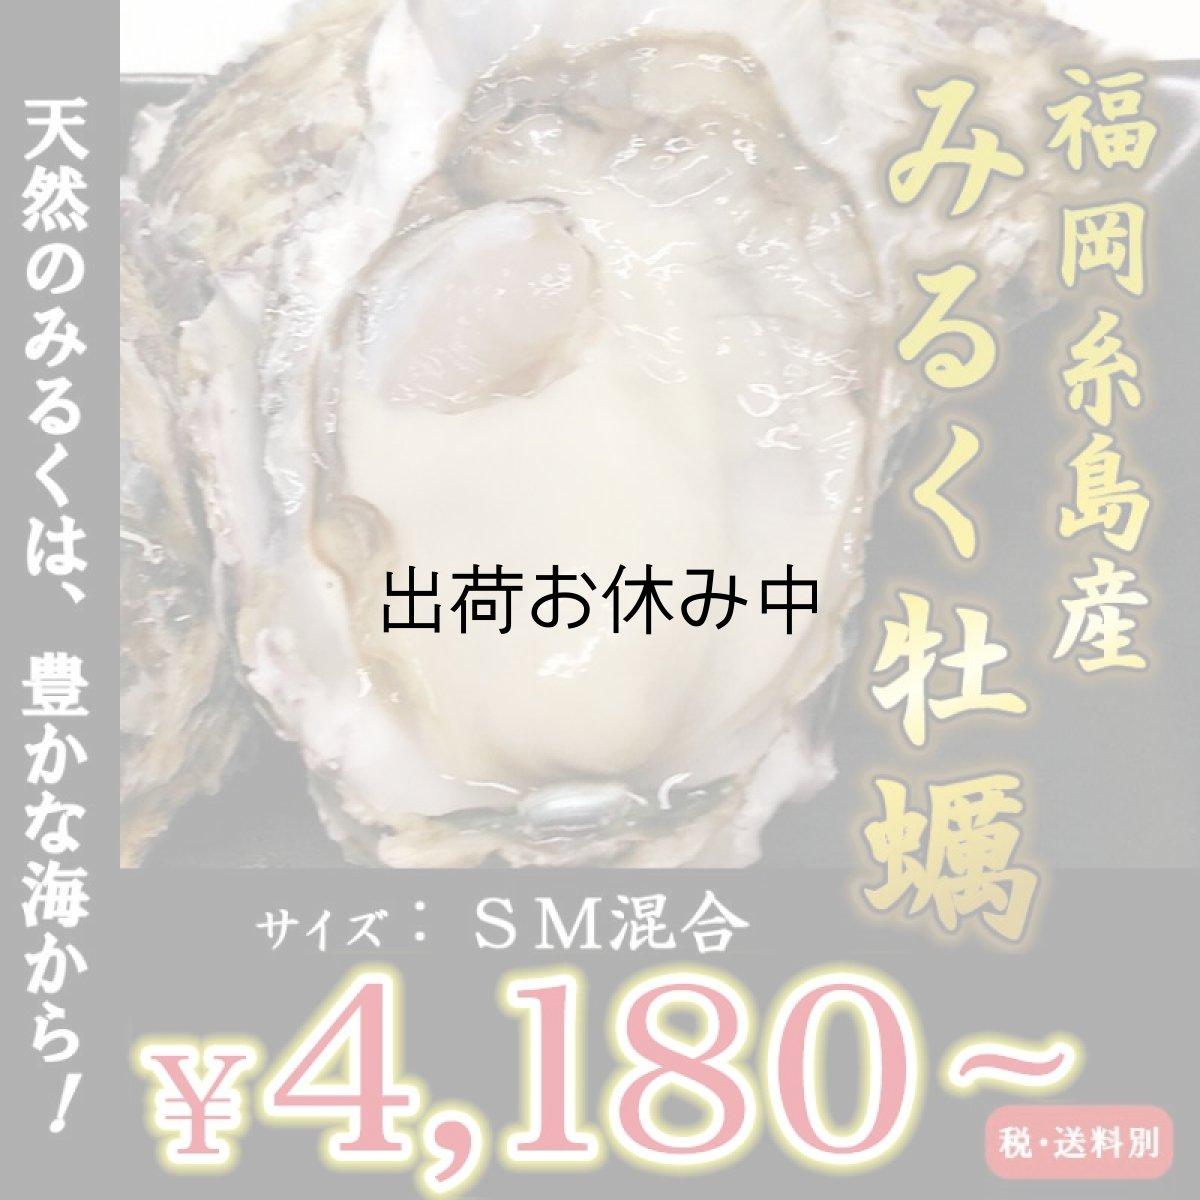 画像1: 【お急ぎ便】福岡糸島産 みるく牡蠣 (お届け地域限定) (1)